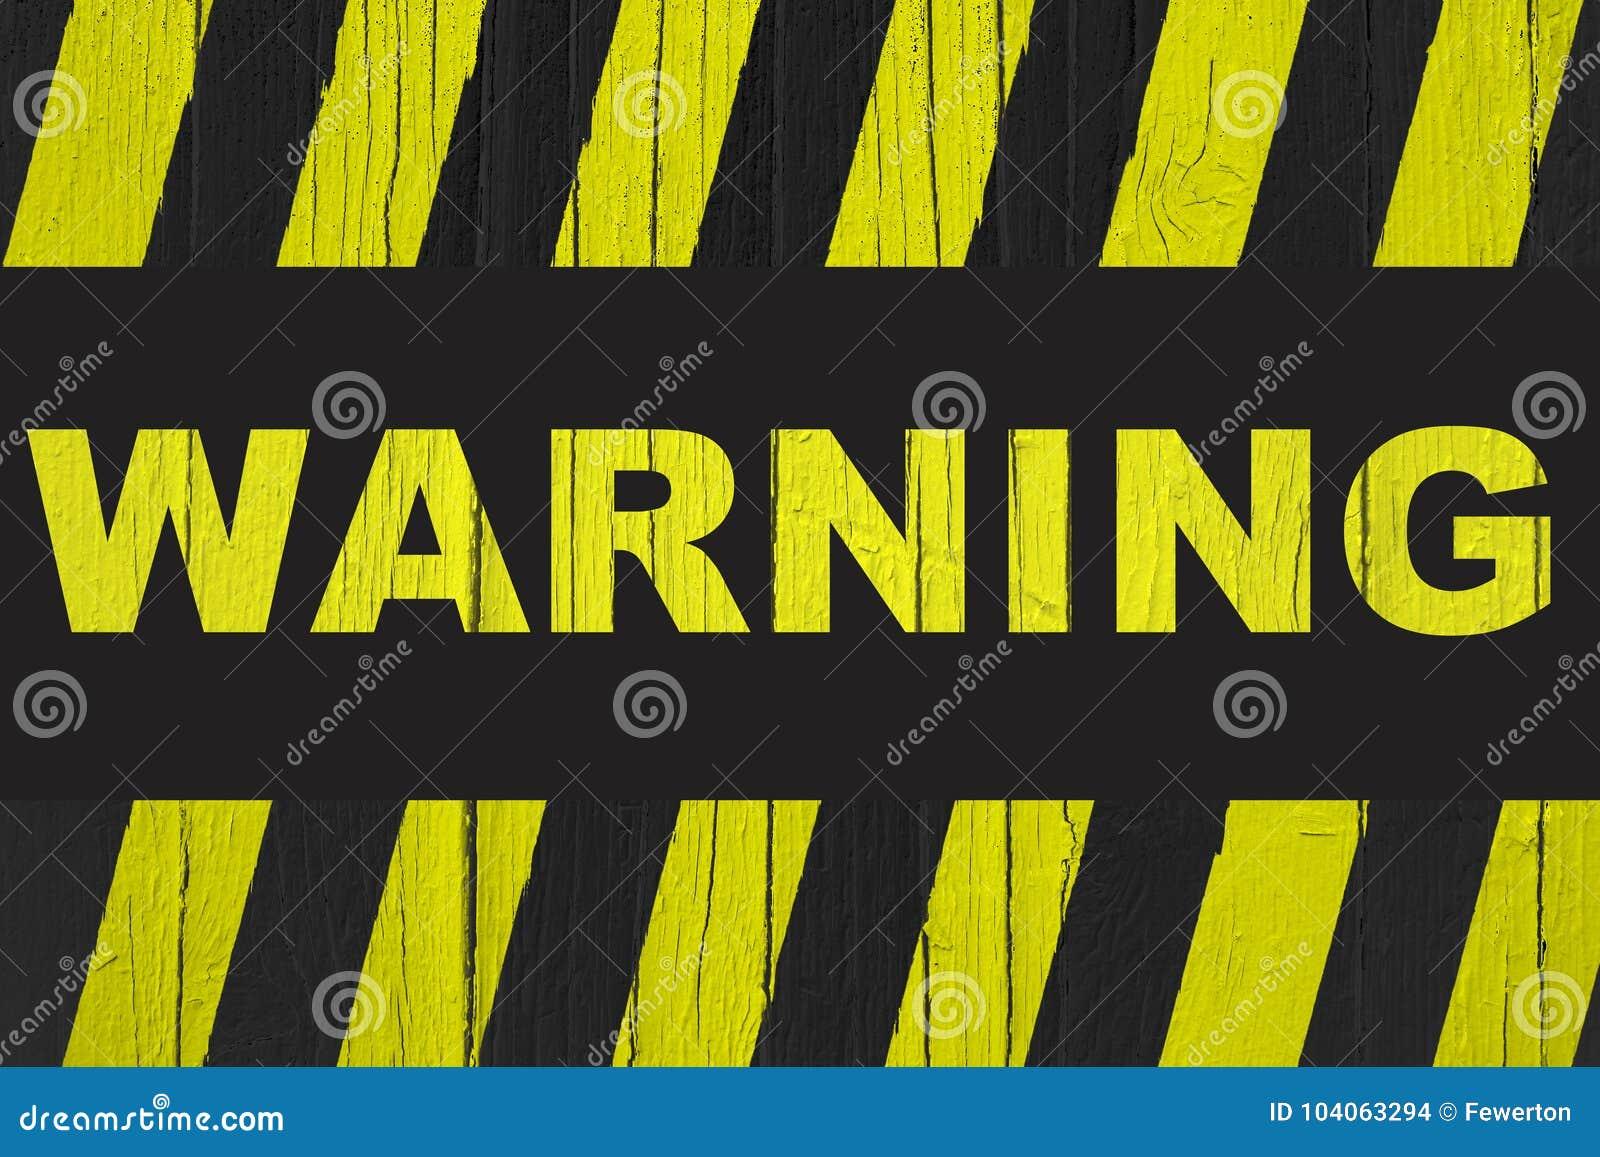 Señal de peligro con amarillo y rayas negras pintadas sobre la madera agrietada